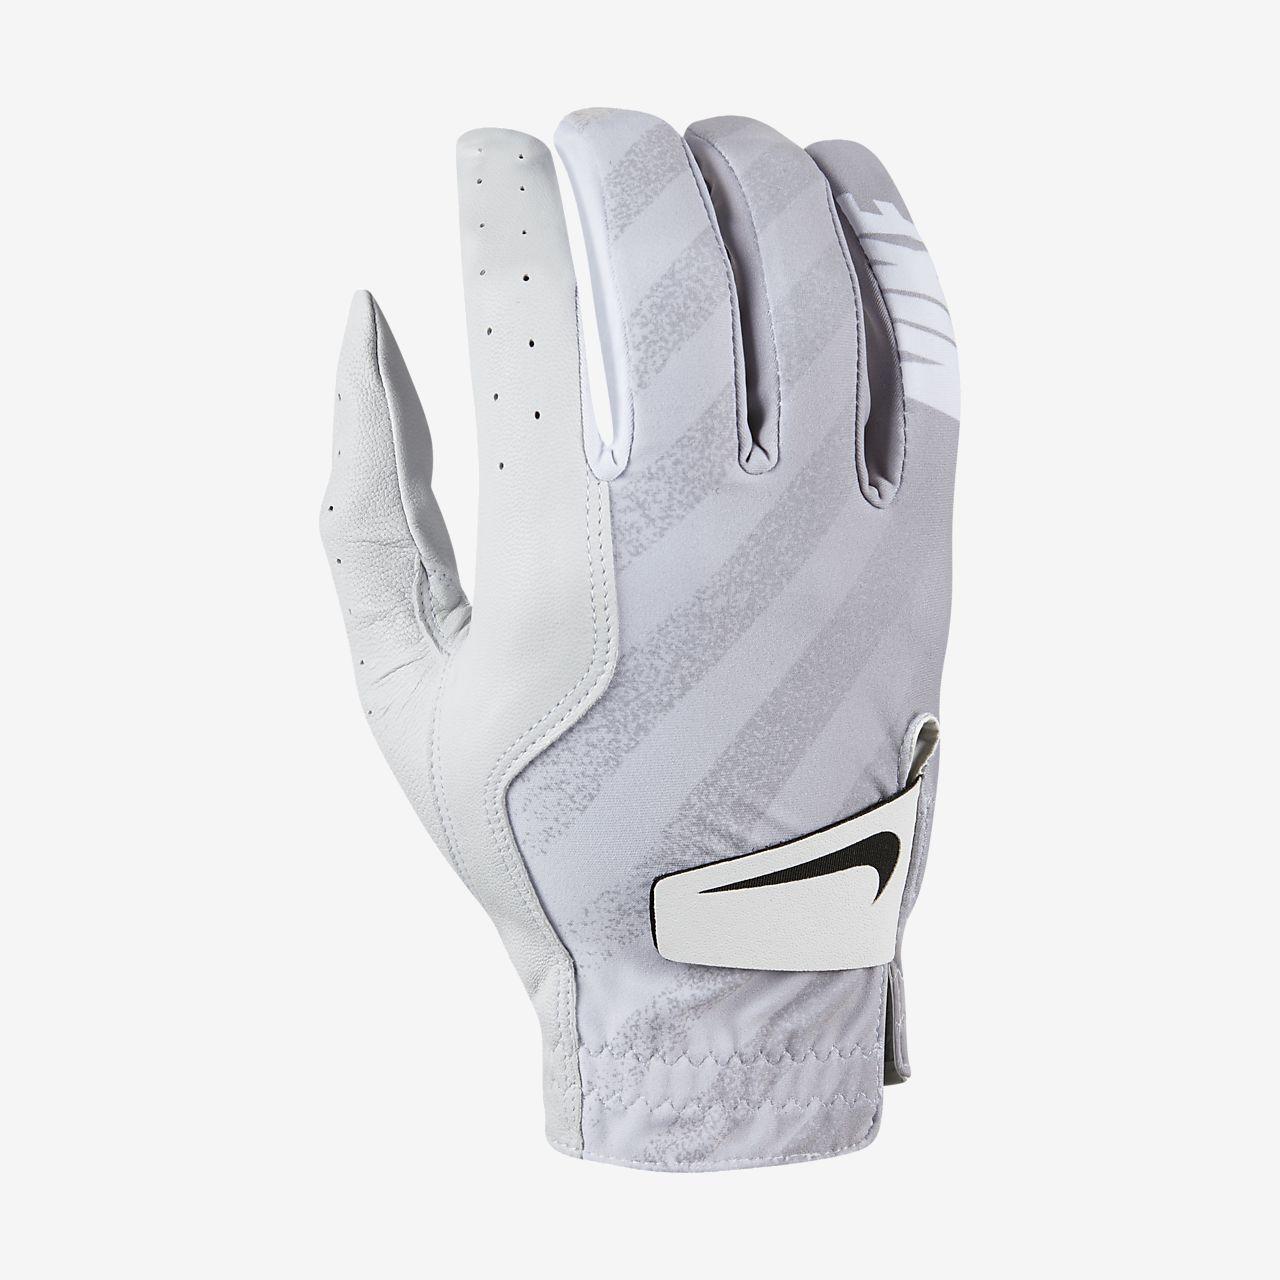 Nike Tech Guante de golf (talla media/derecho) - Hombre